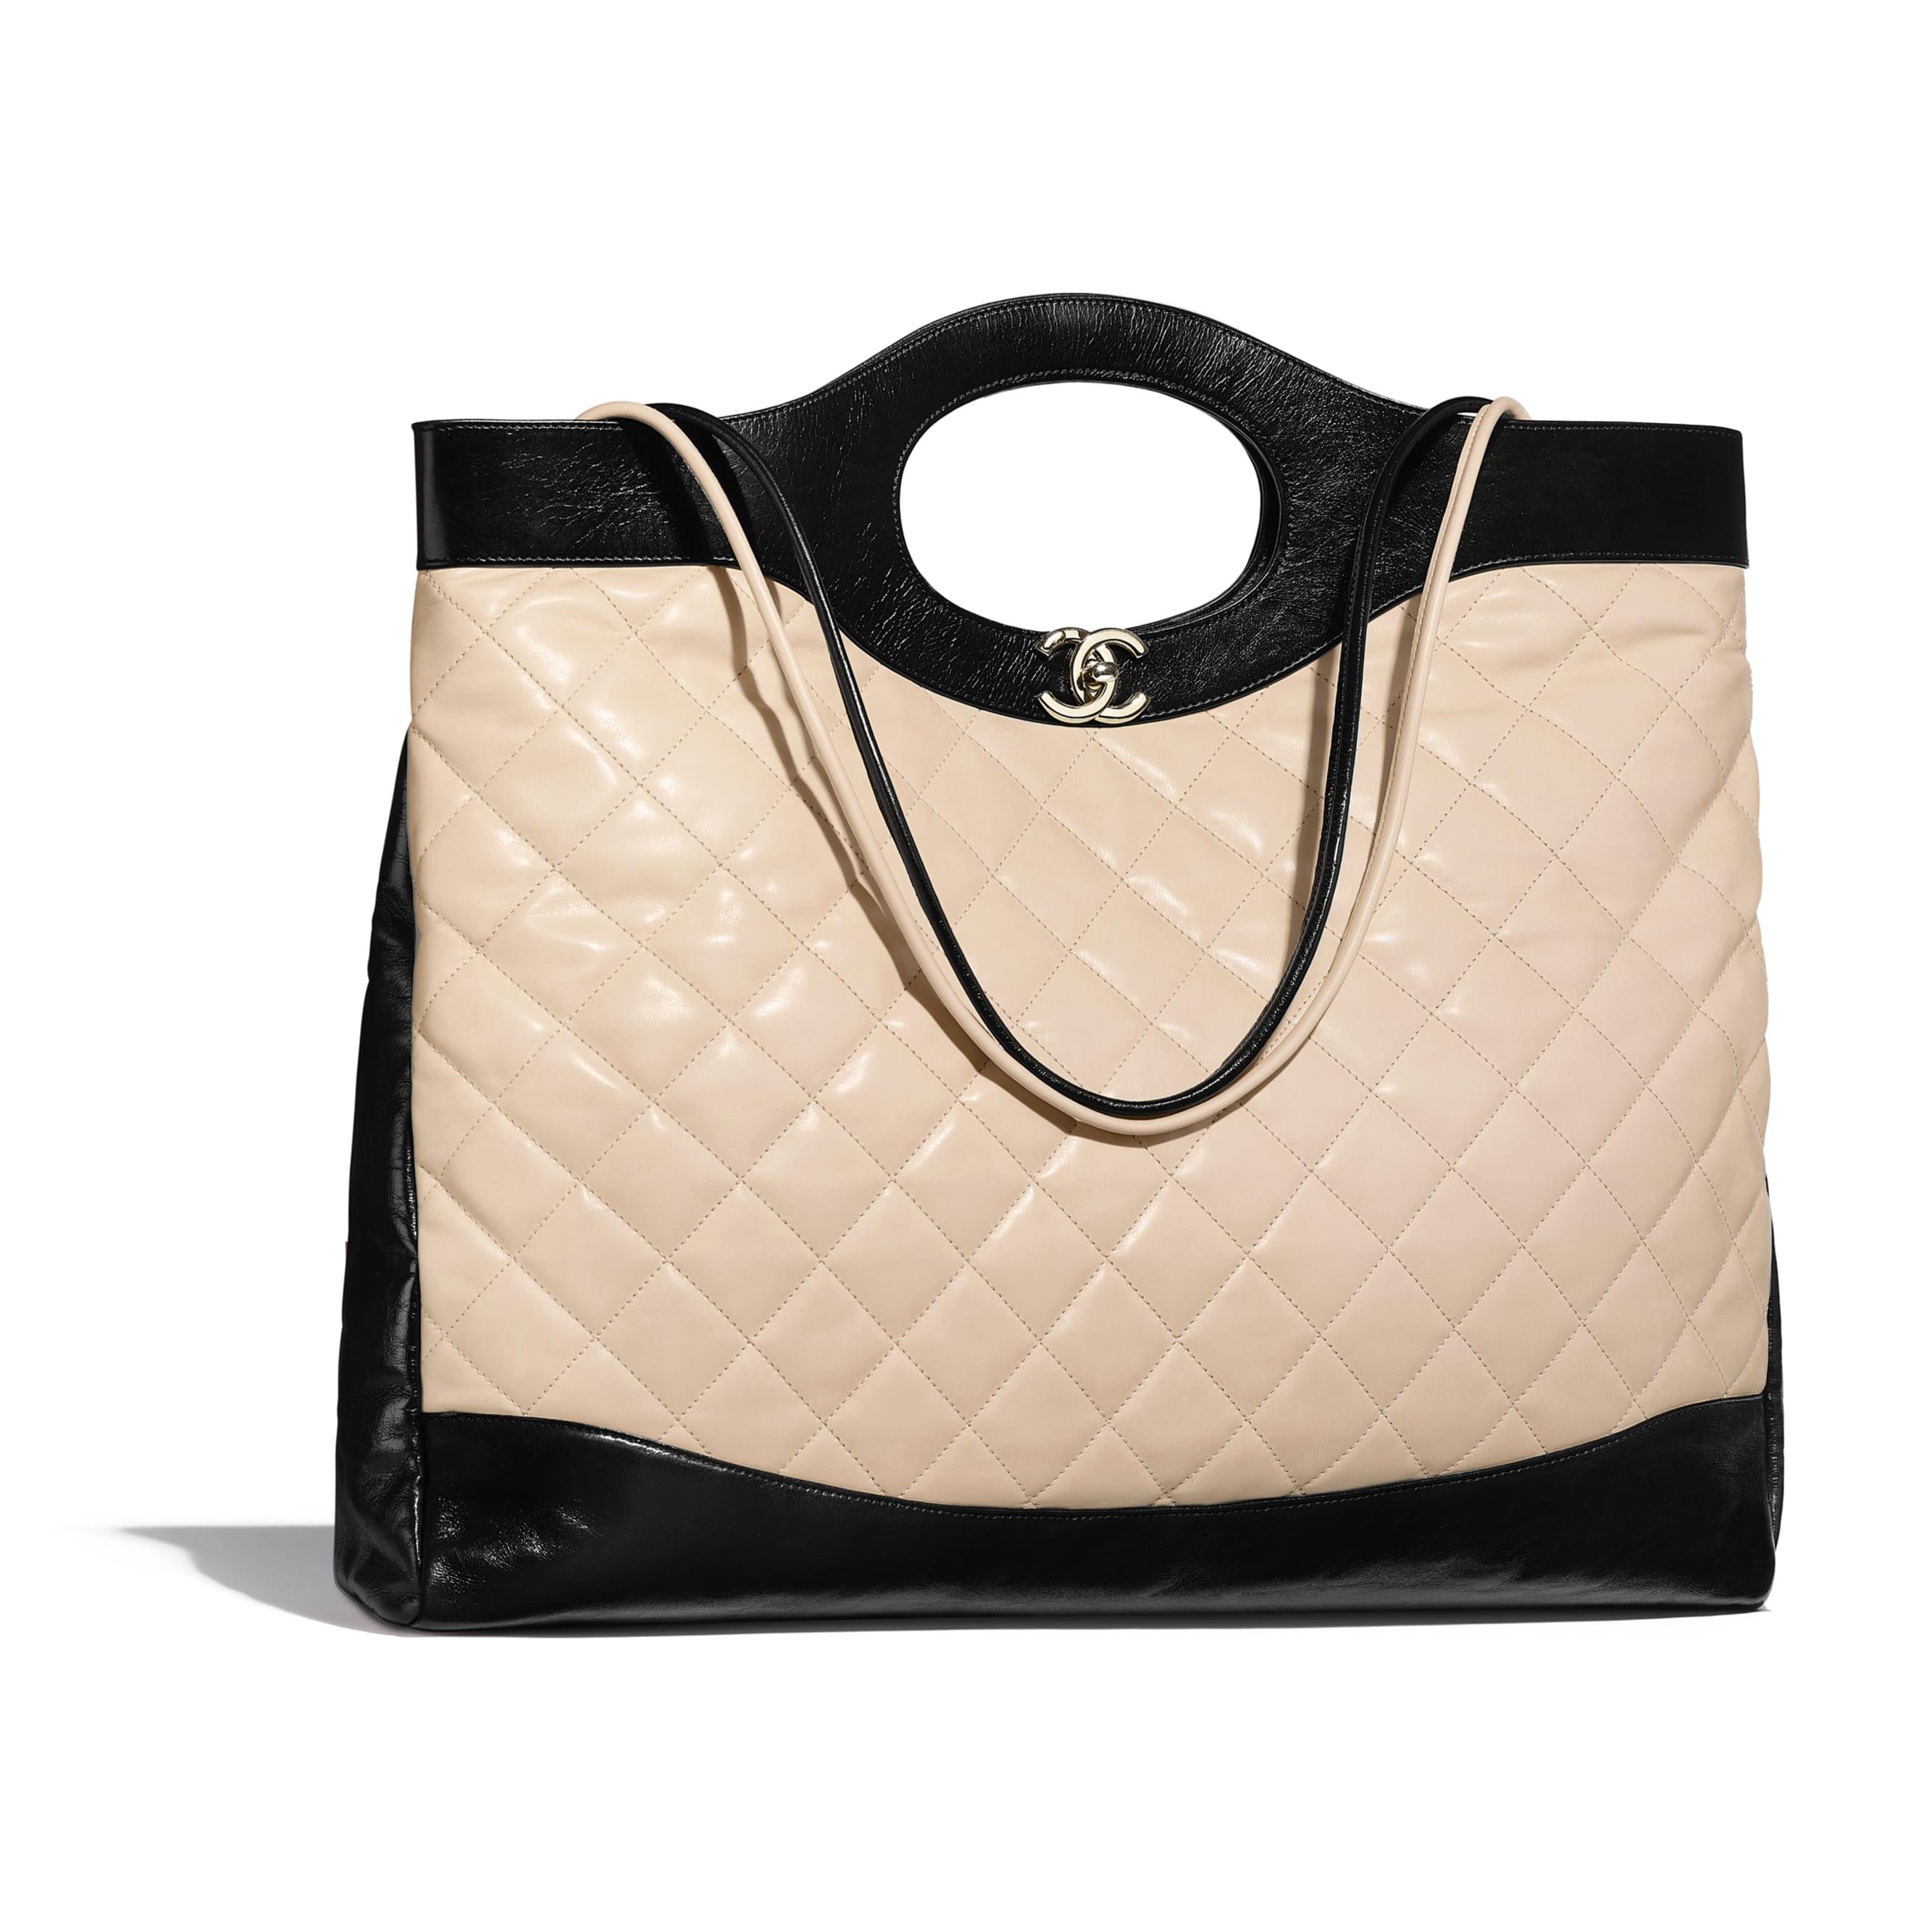 Chanel 31 Shopping Bag Large Beige/Black